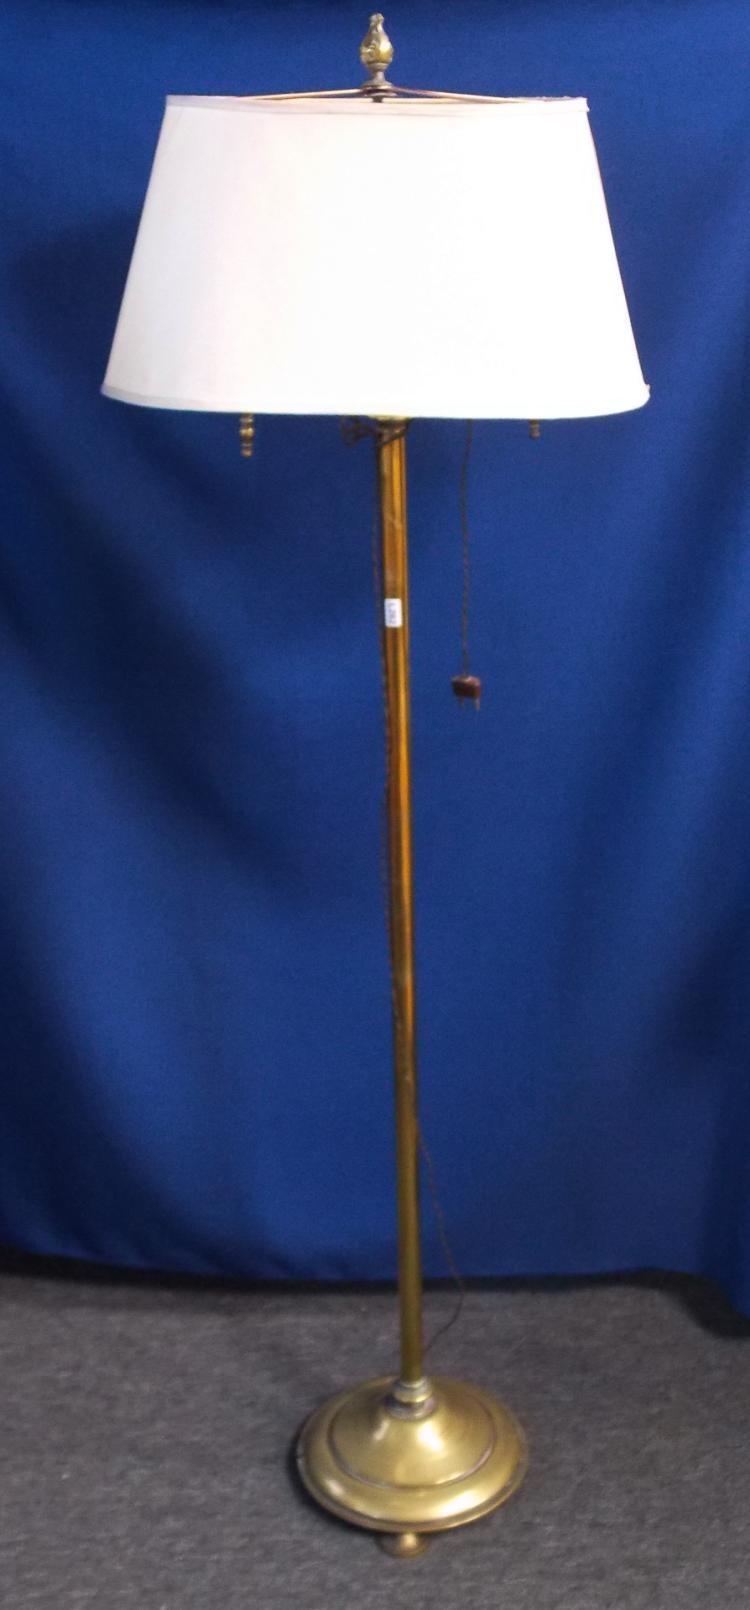 A BRONZE FLOOR LAMP